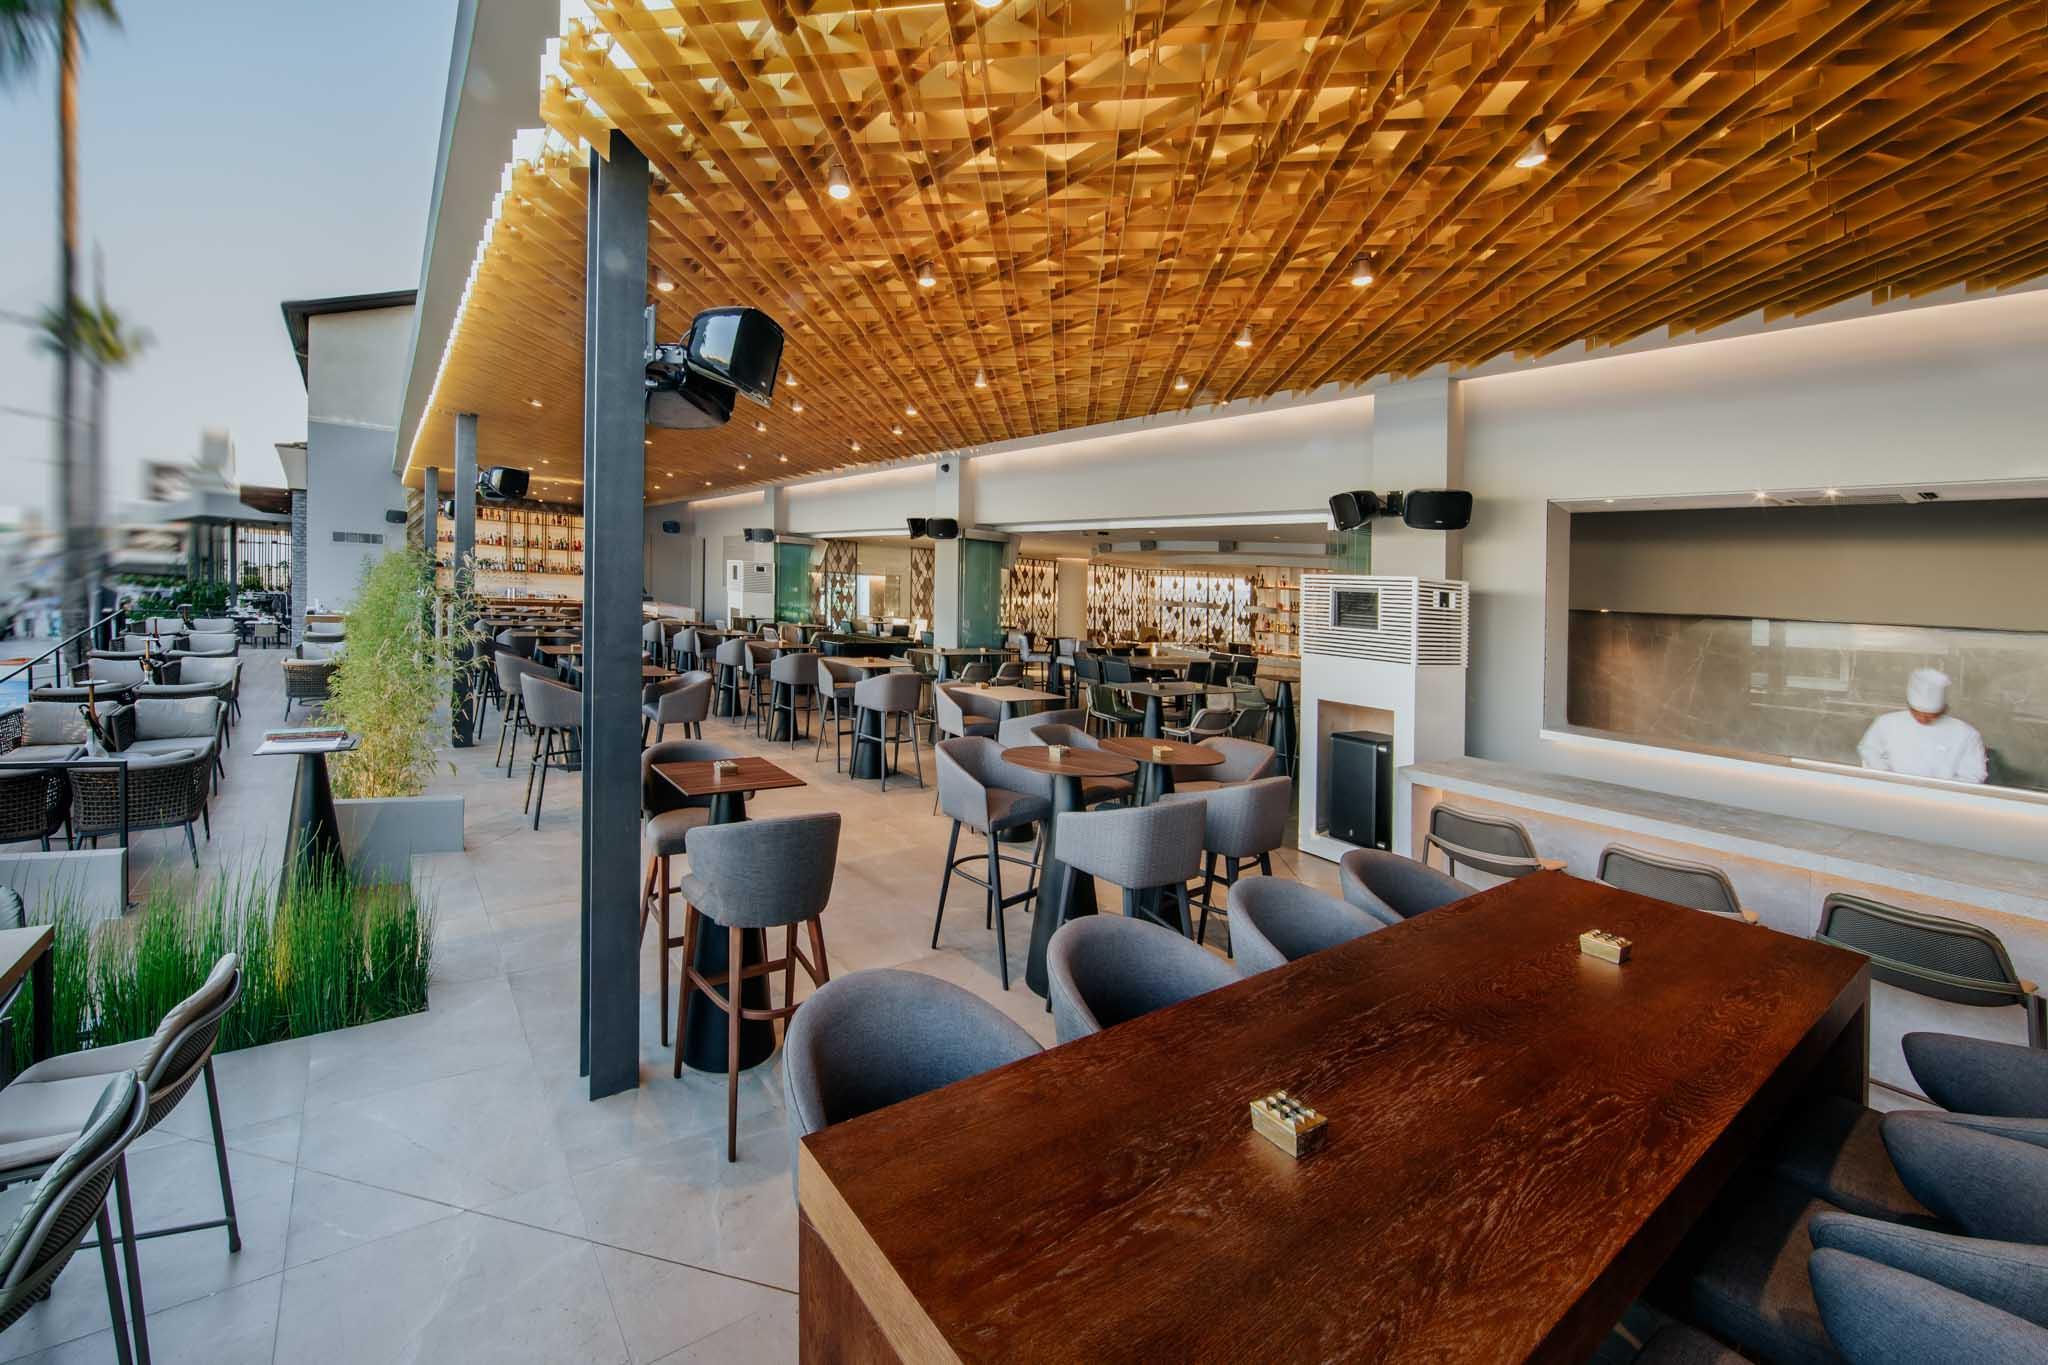 Napa-Plaza-restaurants-547